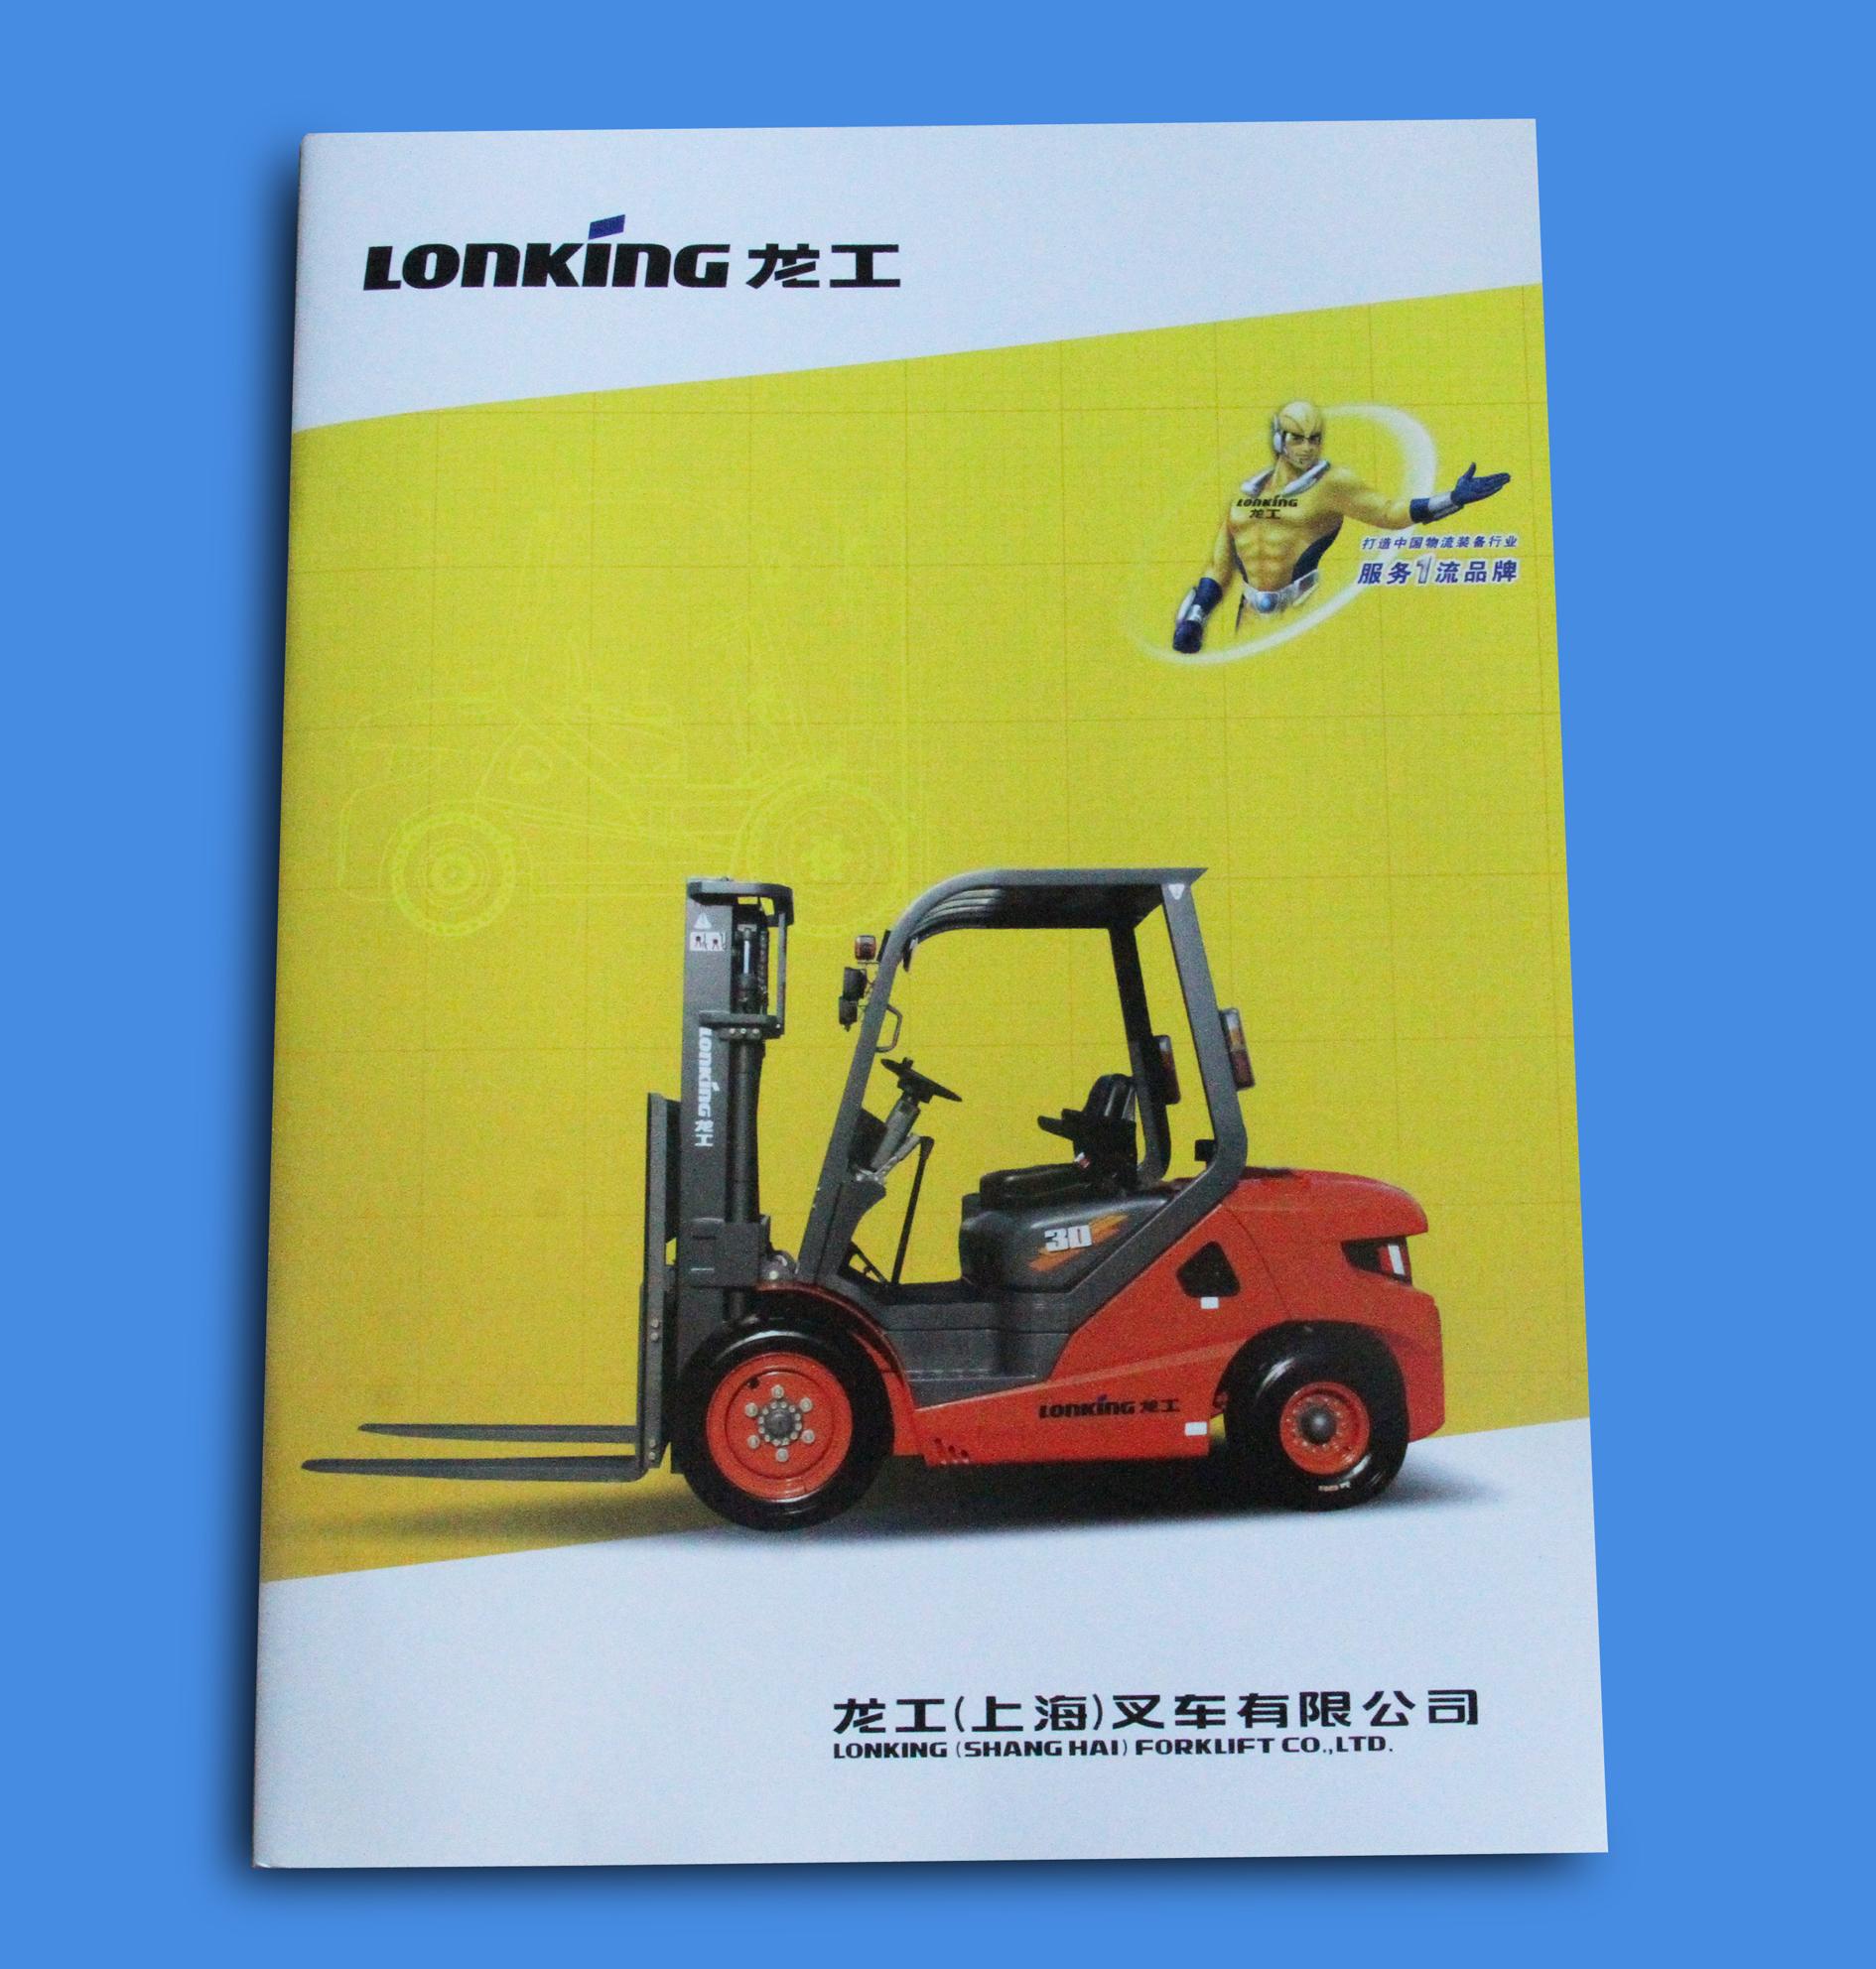 2015年龙工(上海)叉车有限公司产品画册免费限量申请